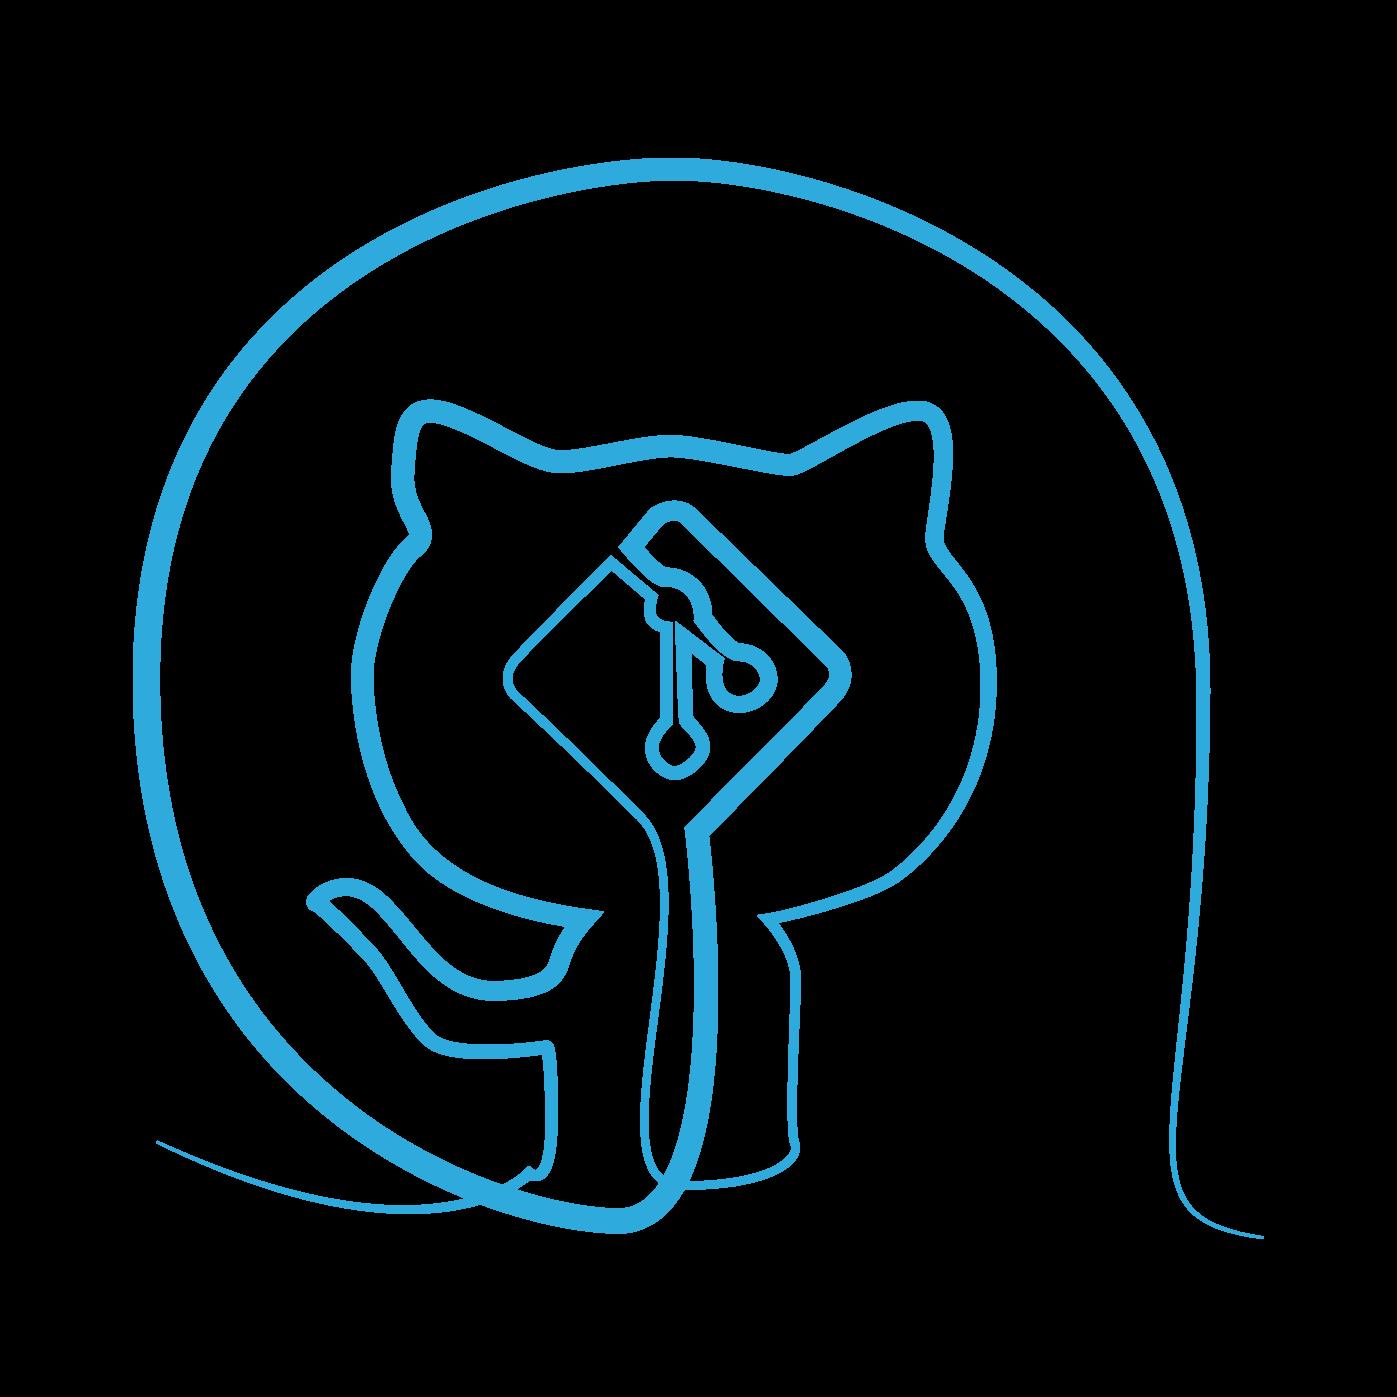 Git et Github pour versionner et collaboration